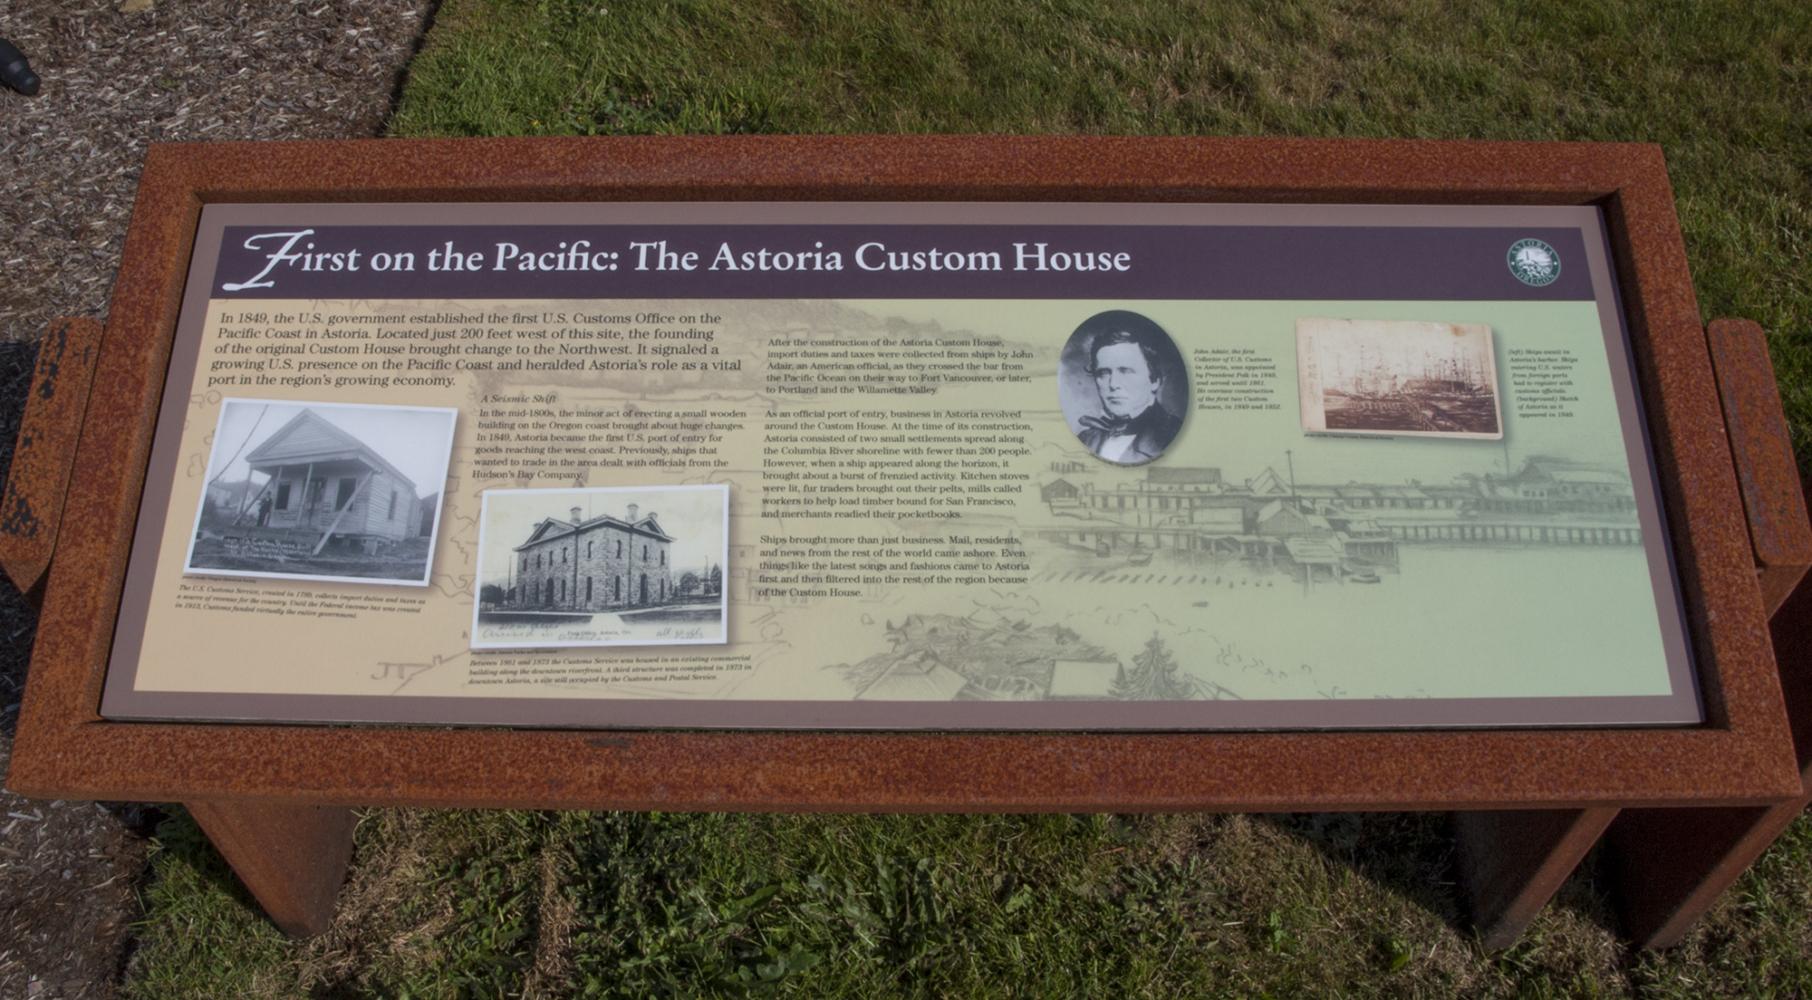 Astoria Custom House - Exhibit Panel 1